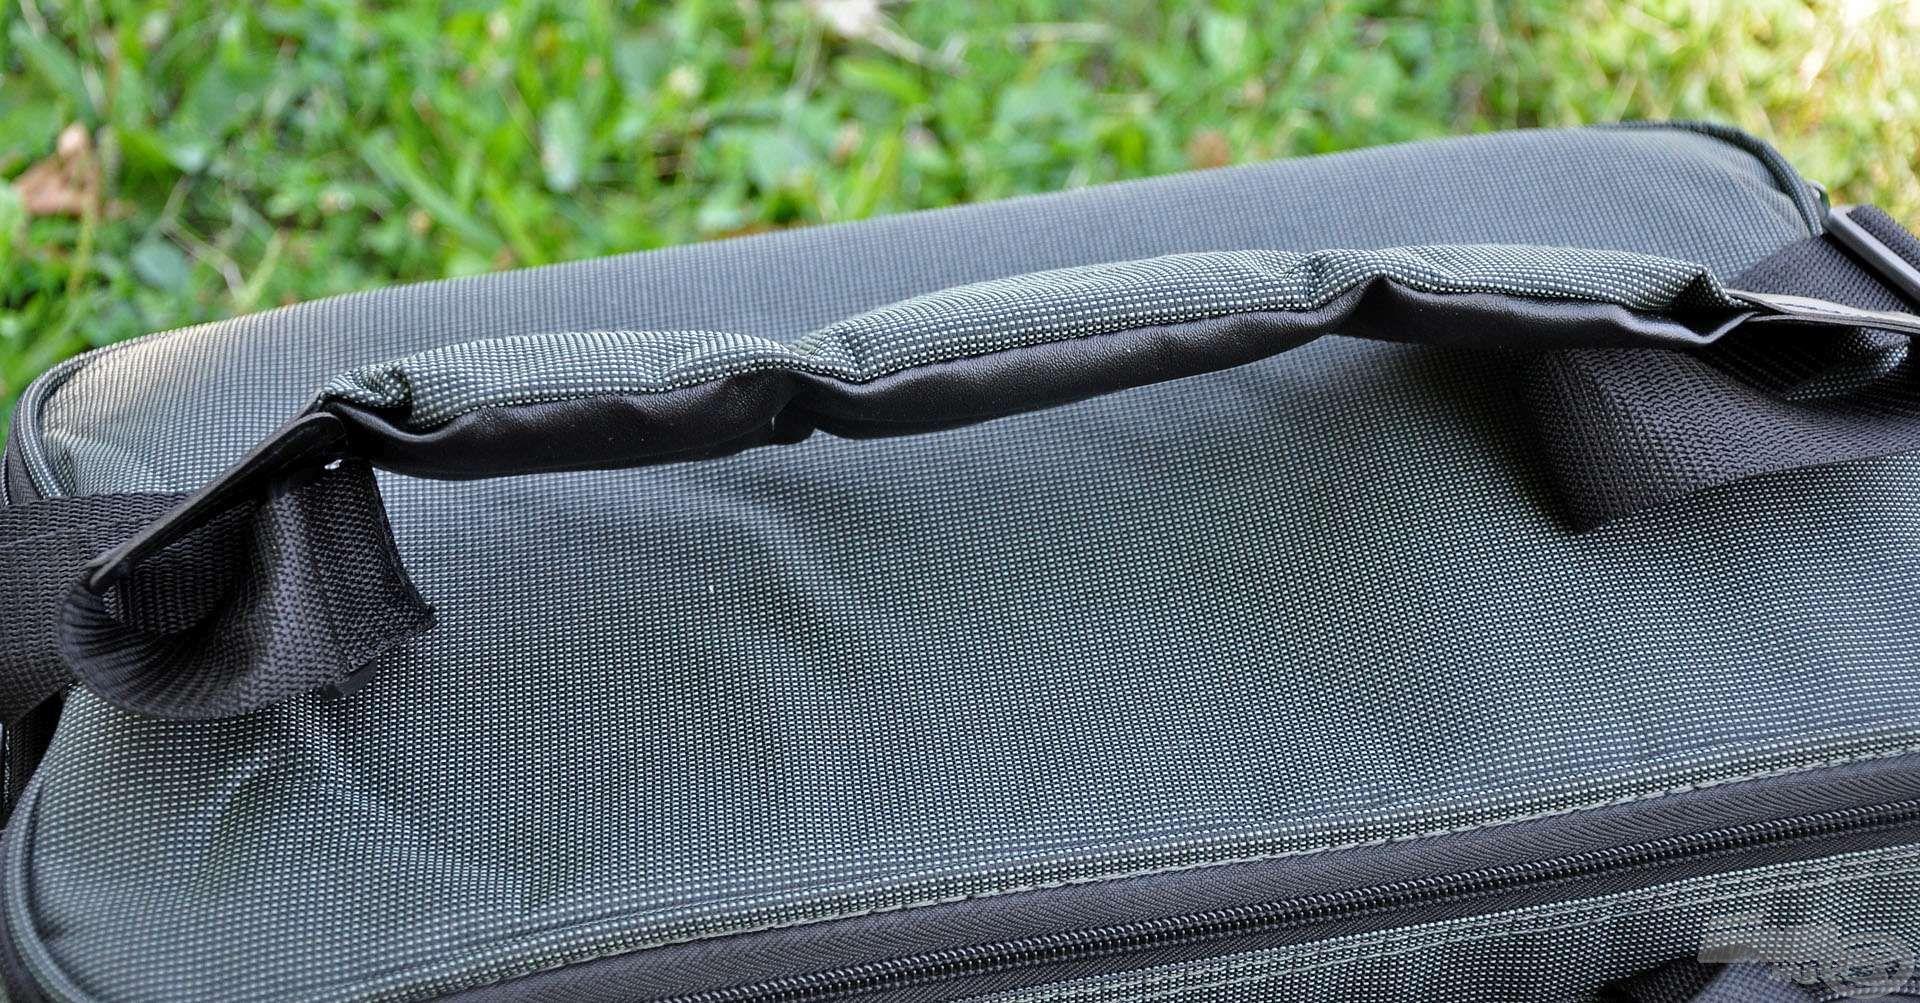 … de hosszabb távon a párnázott vállpántja kínál egyszerű és komfortos megoldást